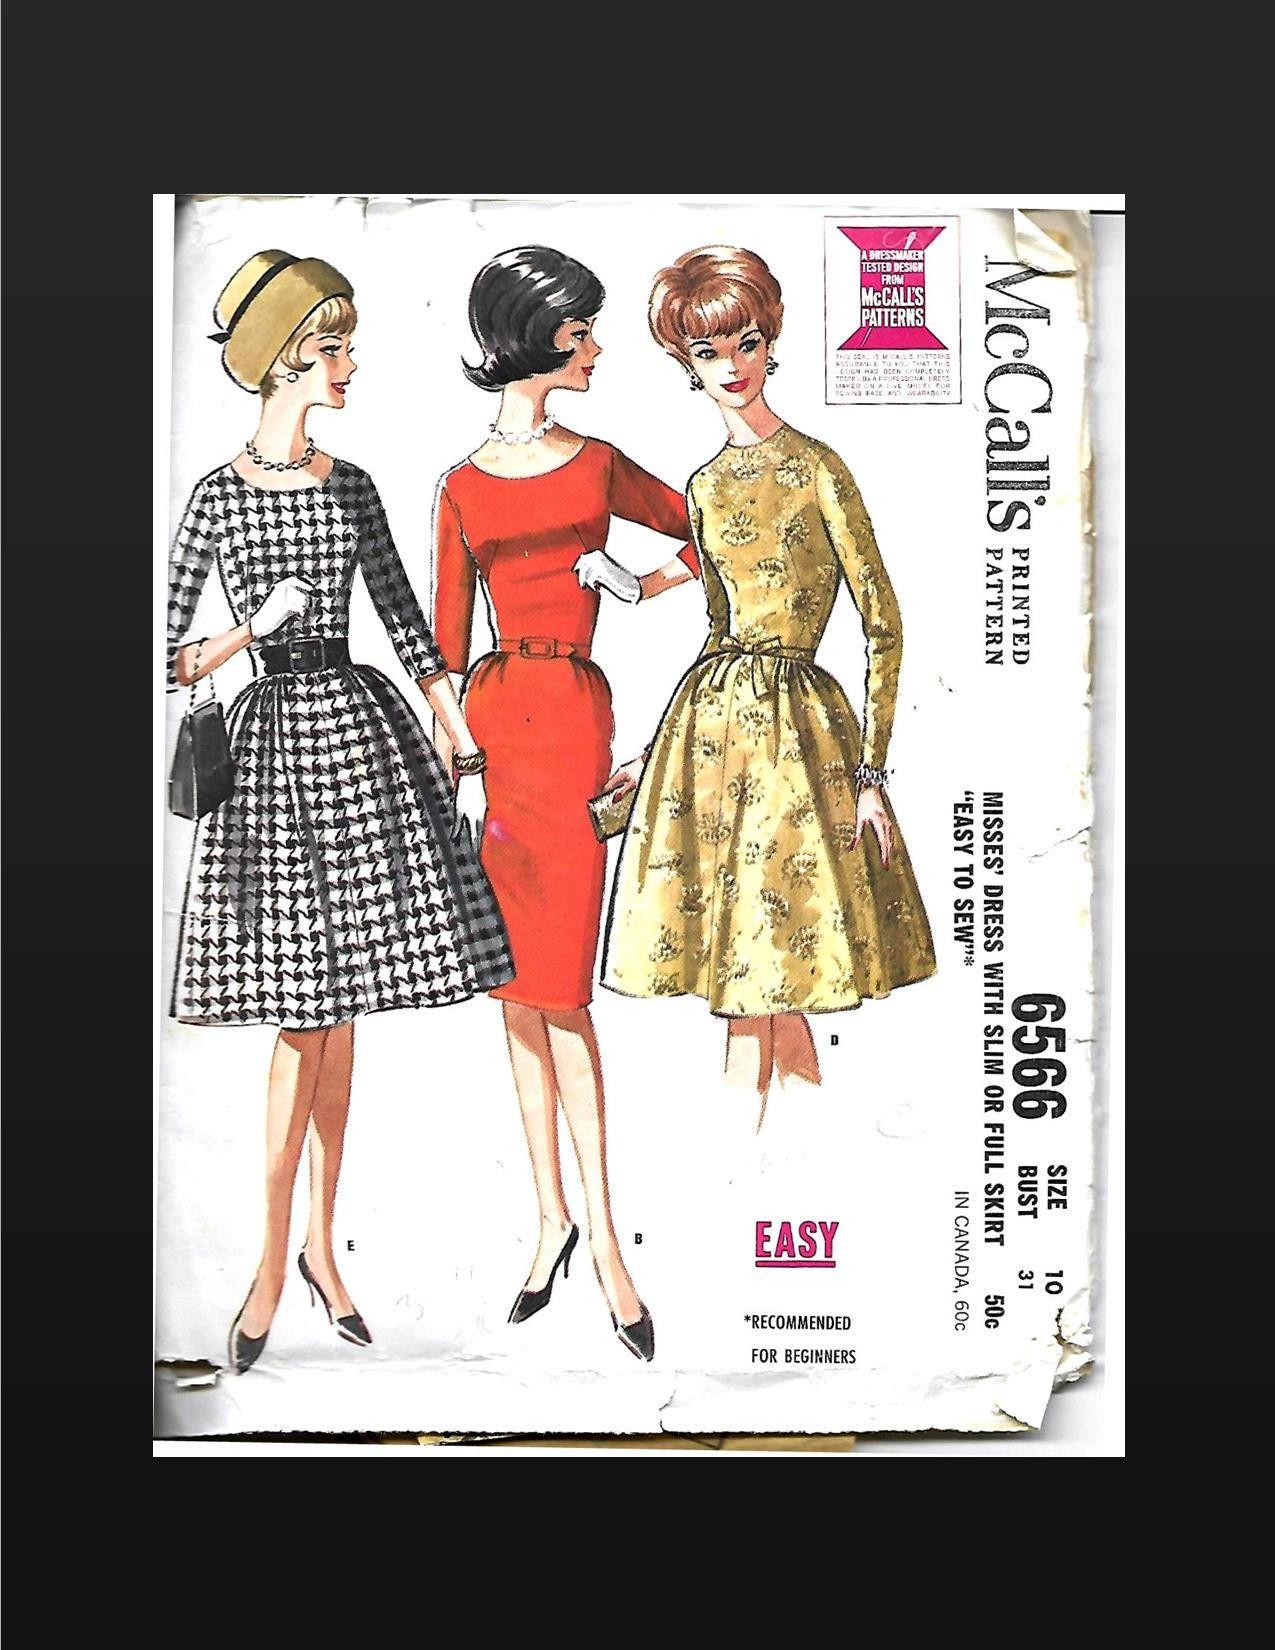 Vintage s mccalls dress pattern misses ladies size bust